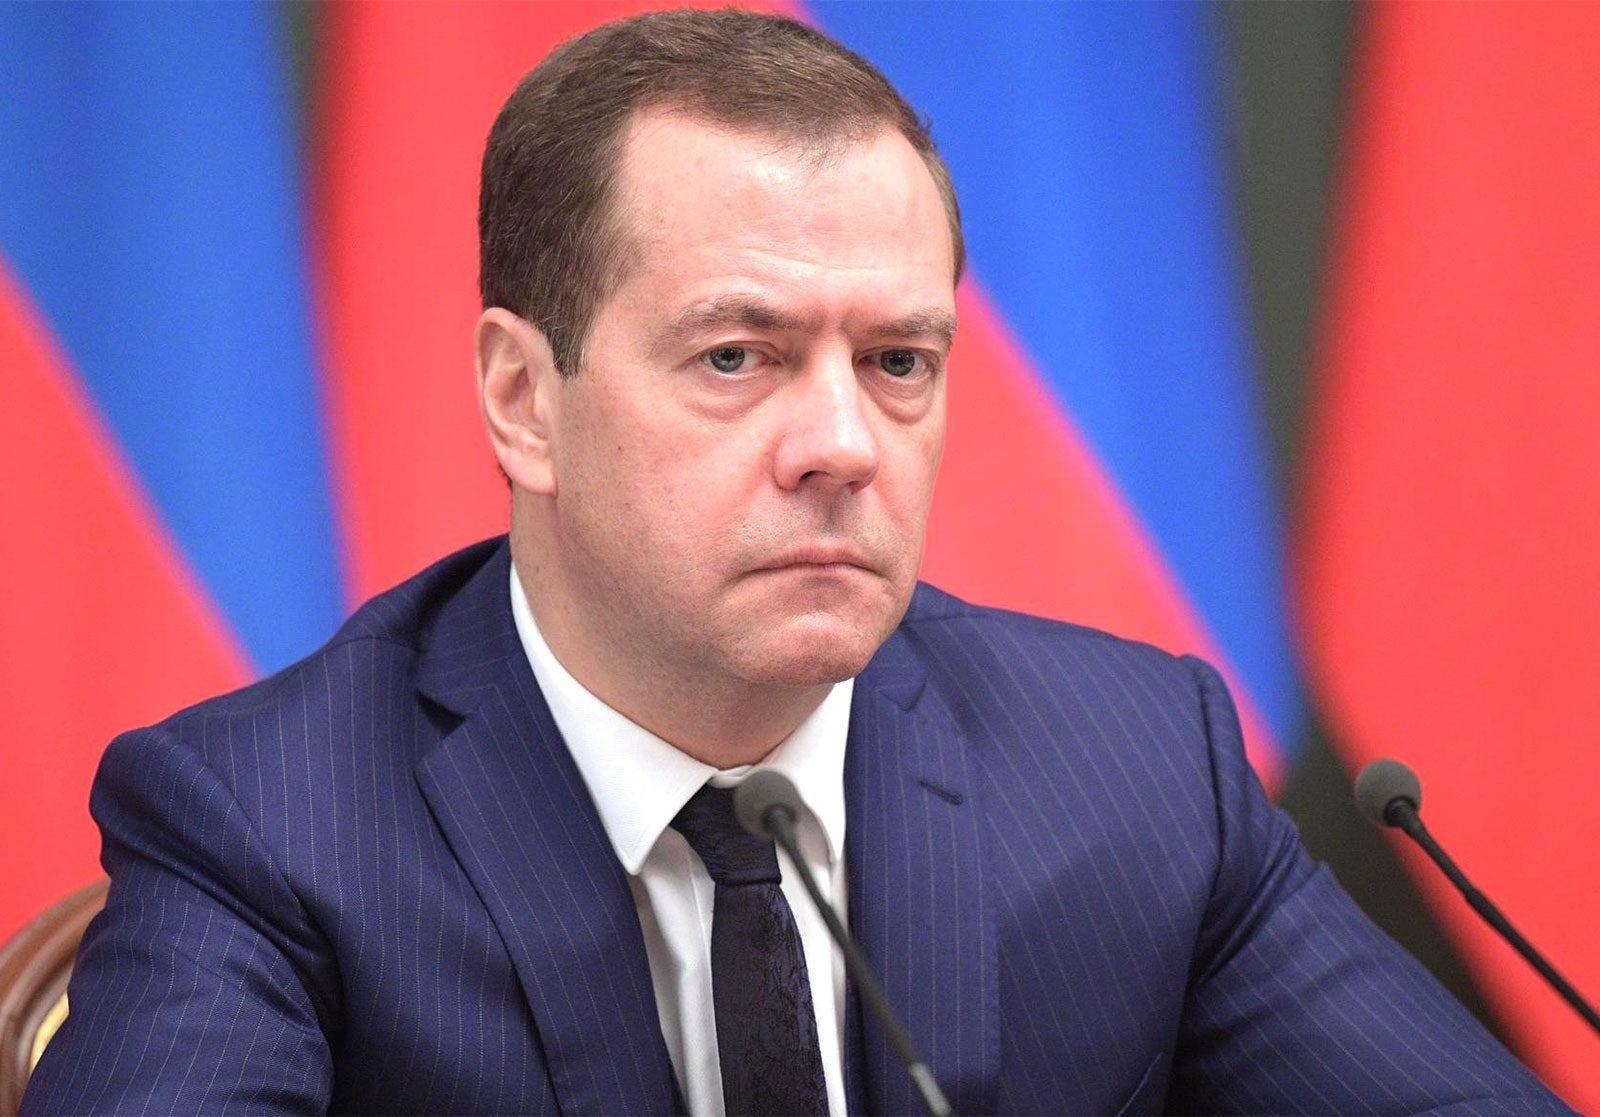 Cựu Tổng thống Nga Dmitry Medvedev nghi ngờ có thế lực thao túng giá dầu thô - Ảnh 1.